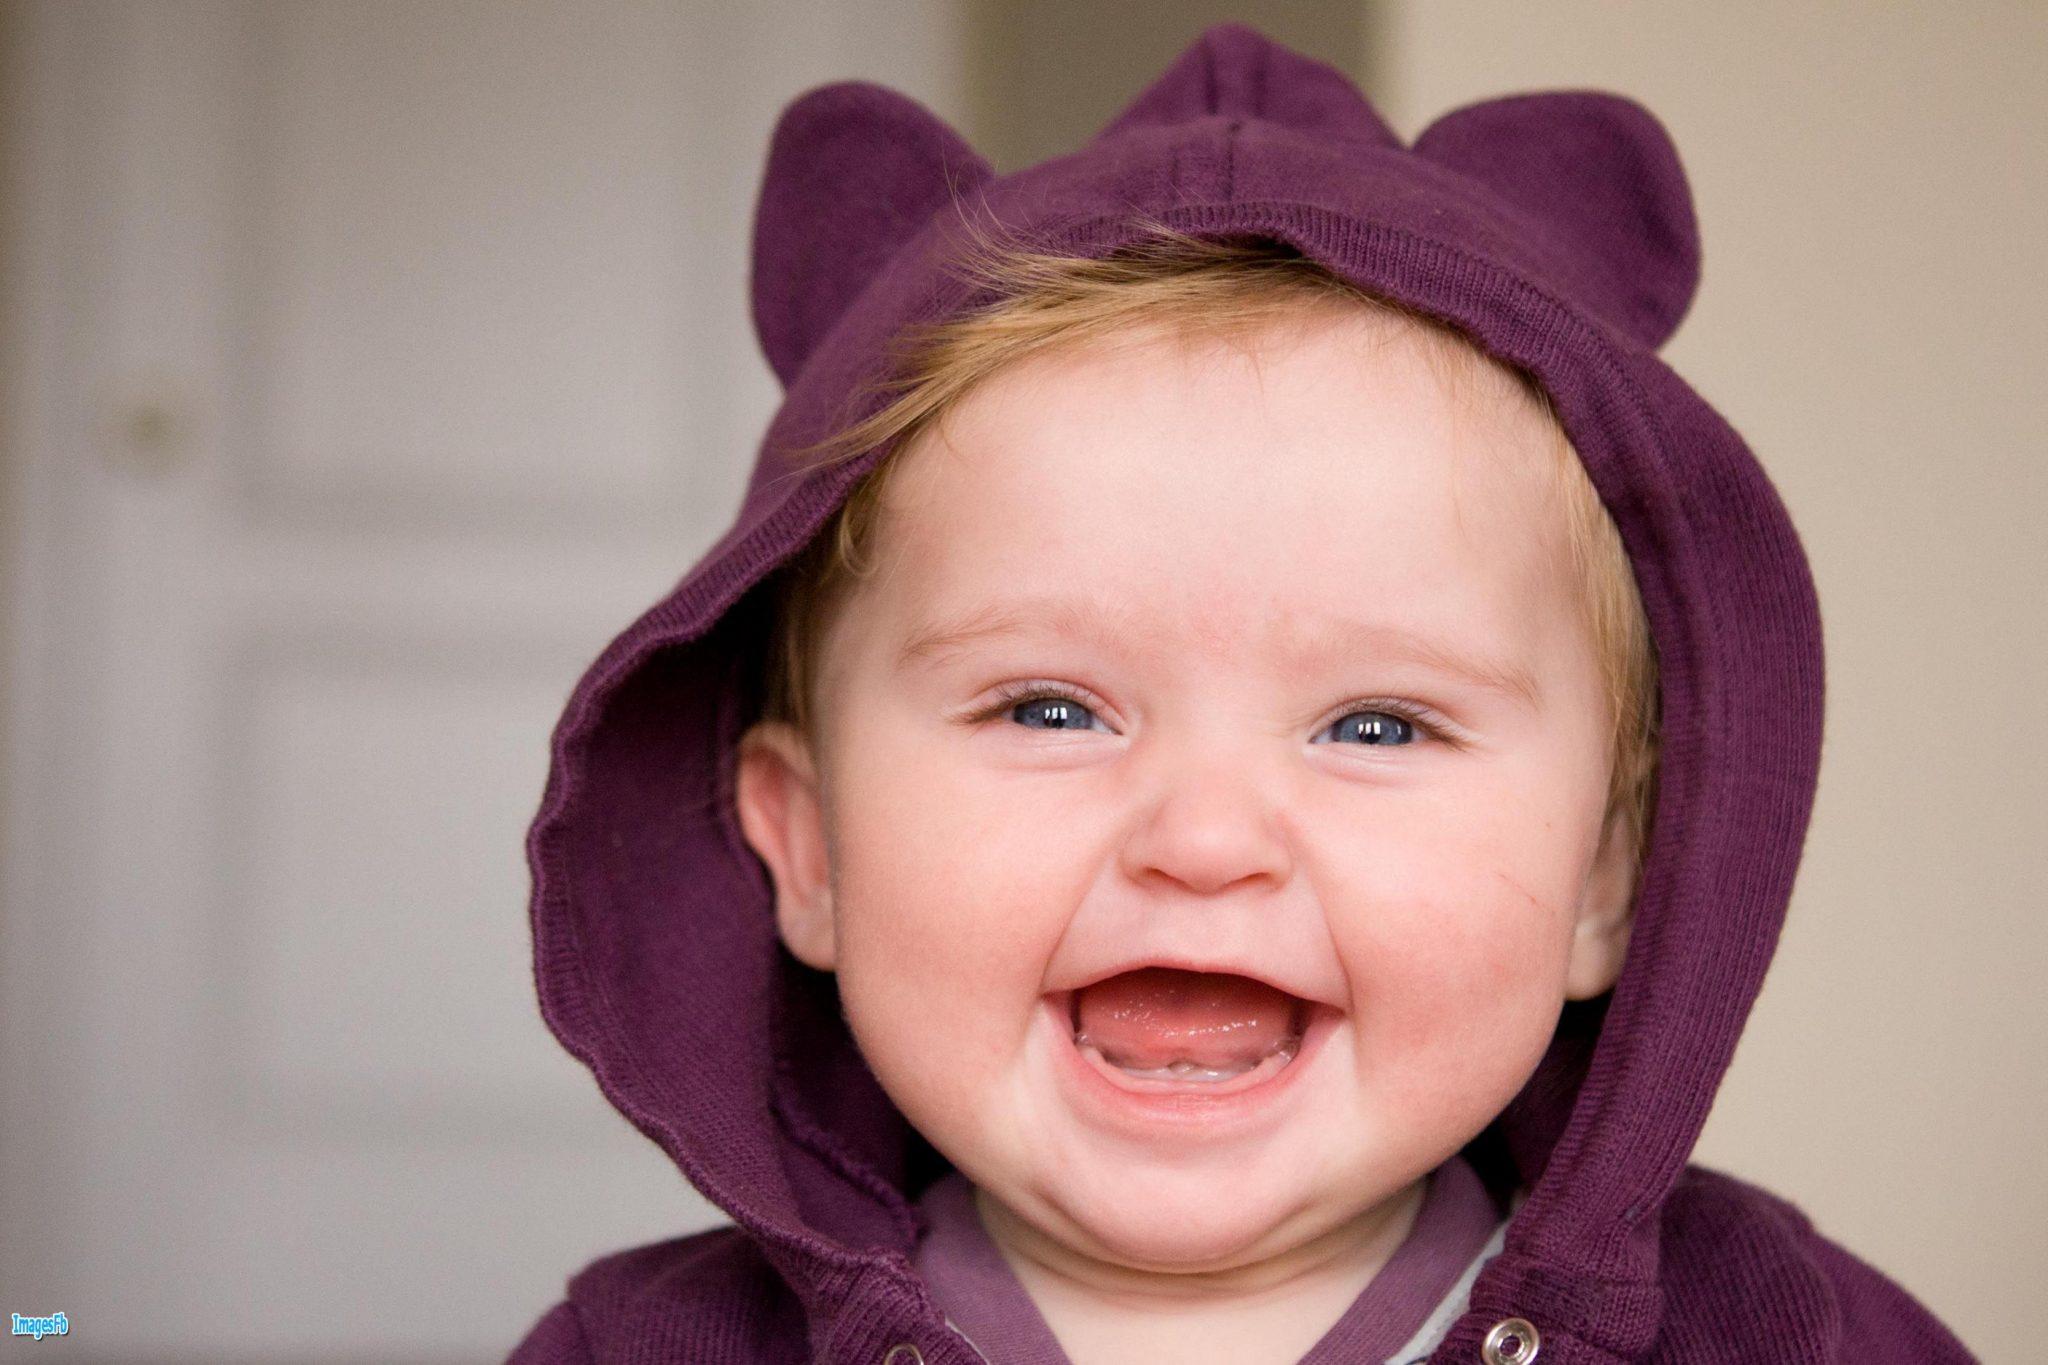 بالصور اجمل اطفال صغار , صور جميلة للاطفال 5681 4